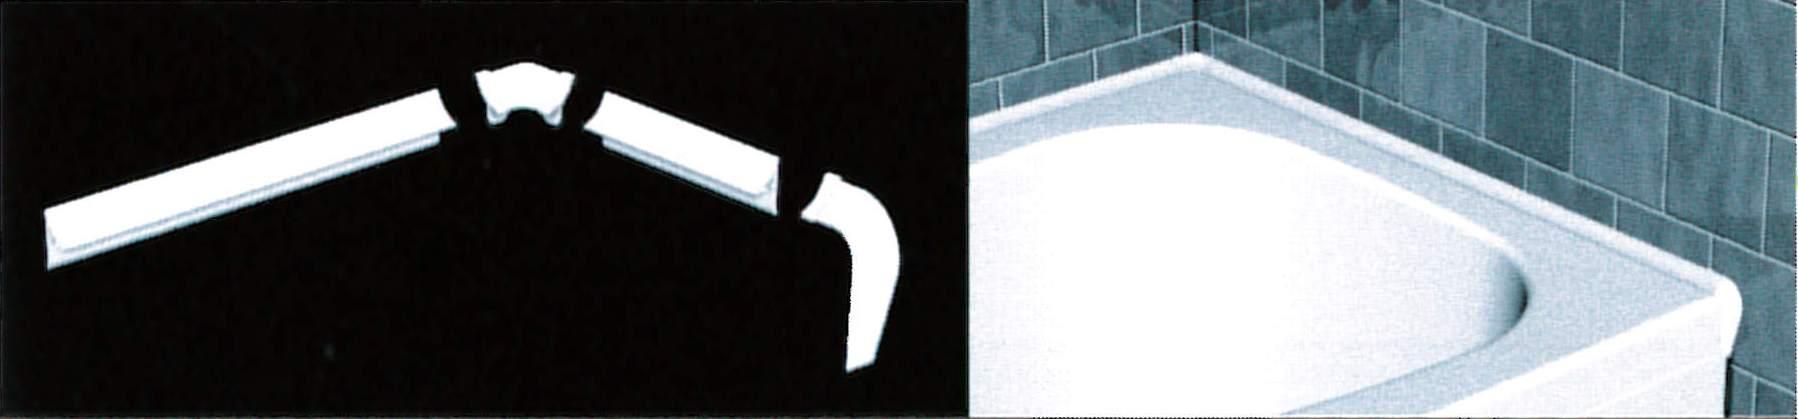 Profili per bordo vasca da bagno disegno domestico - Bordo vasca da bagno ...